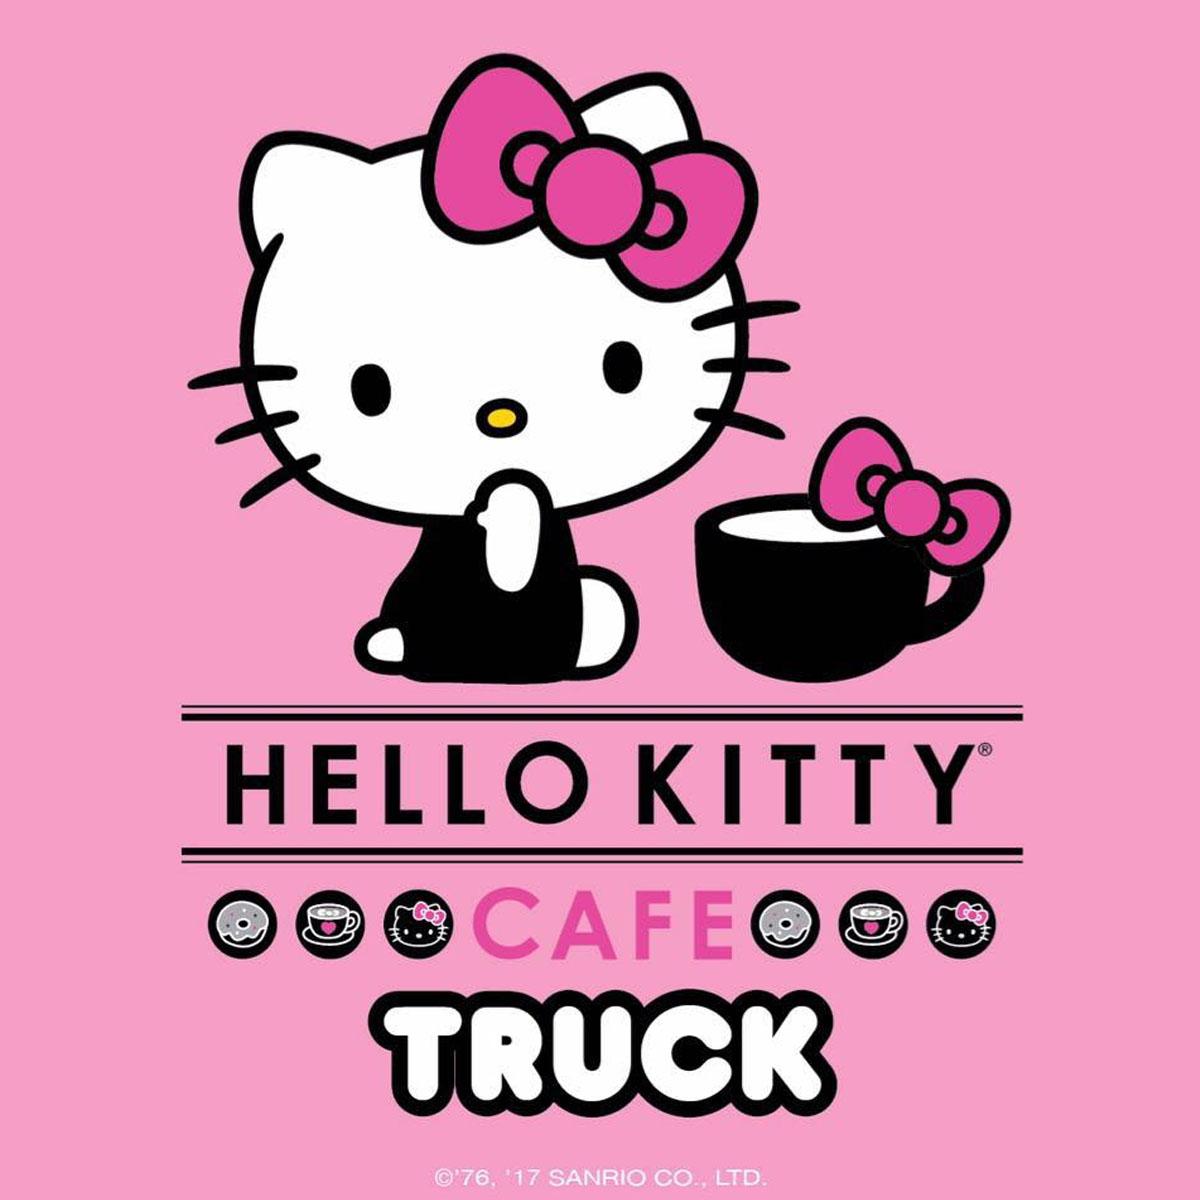 Cielo Vista - Promo - Hello Kitty Cafe image